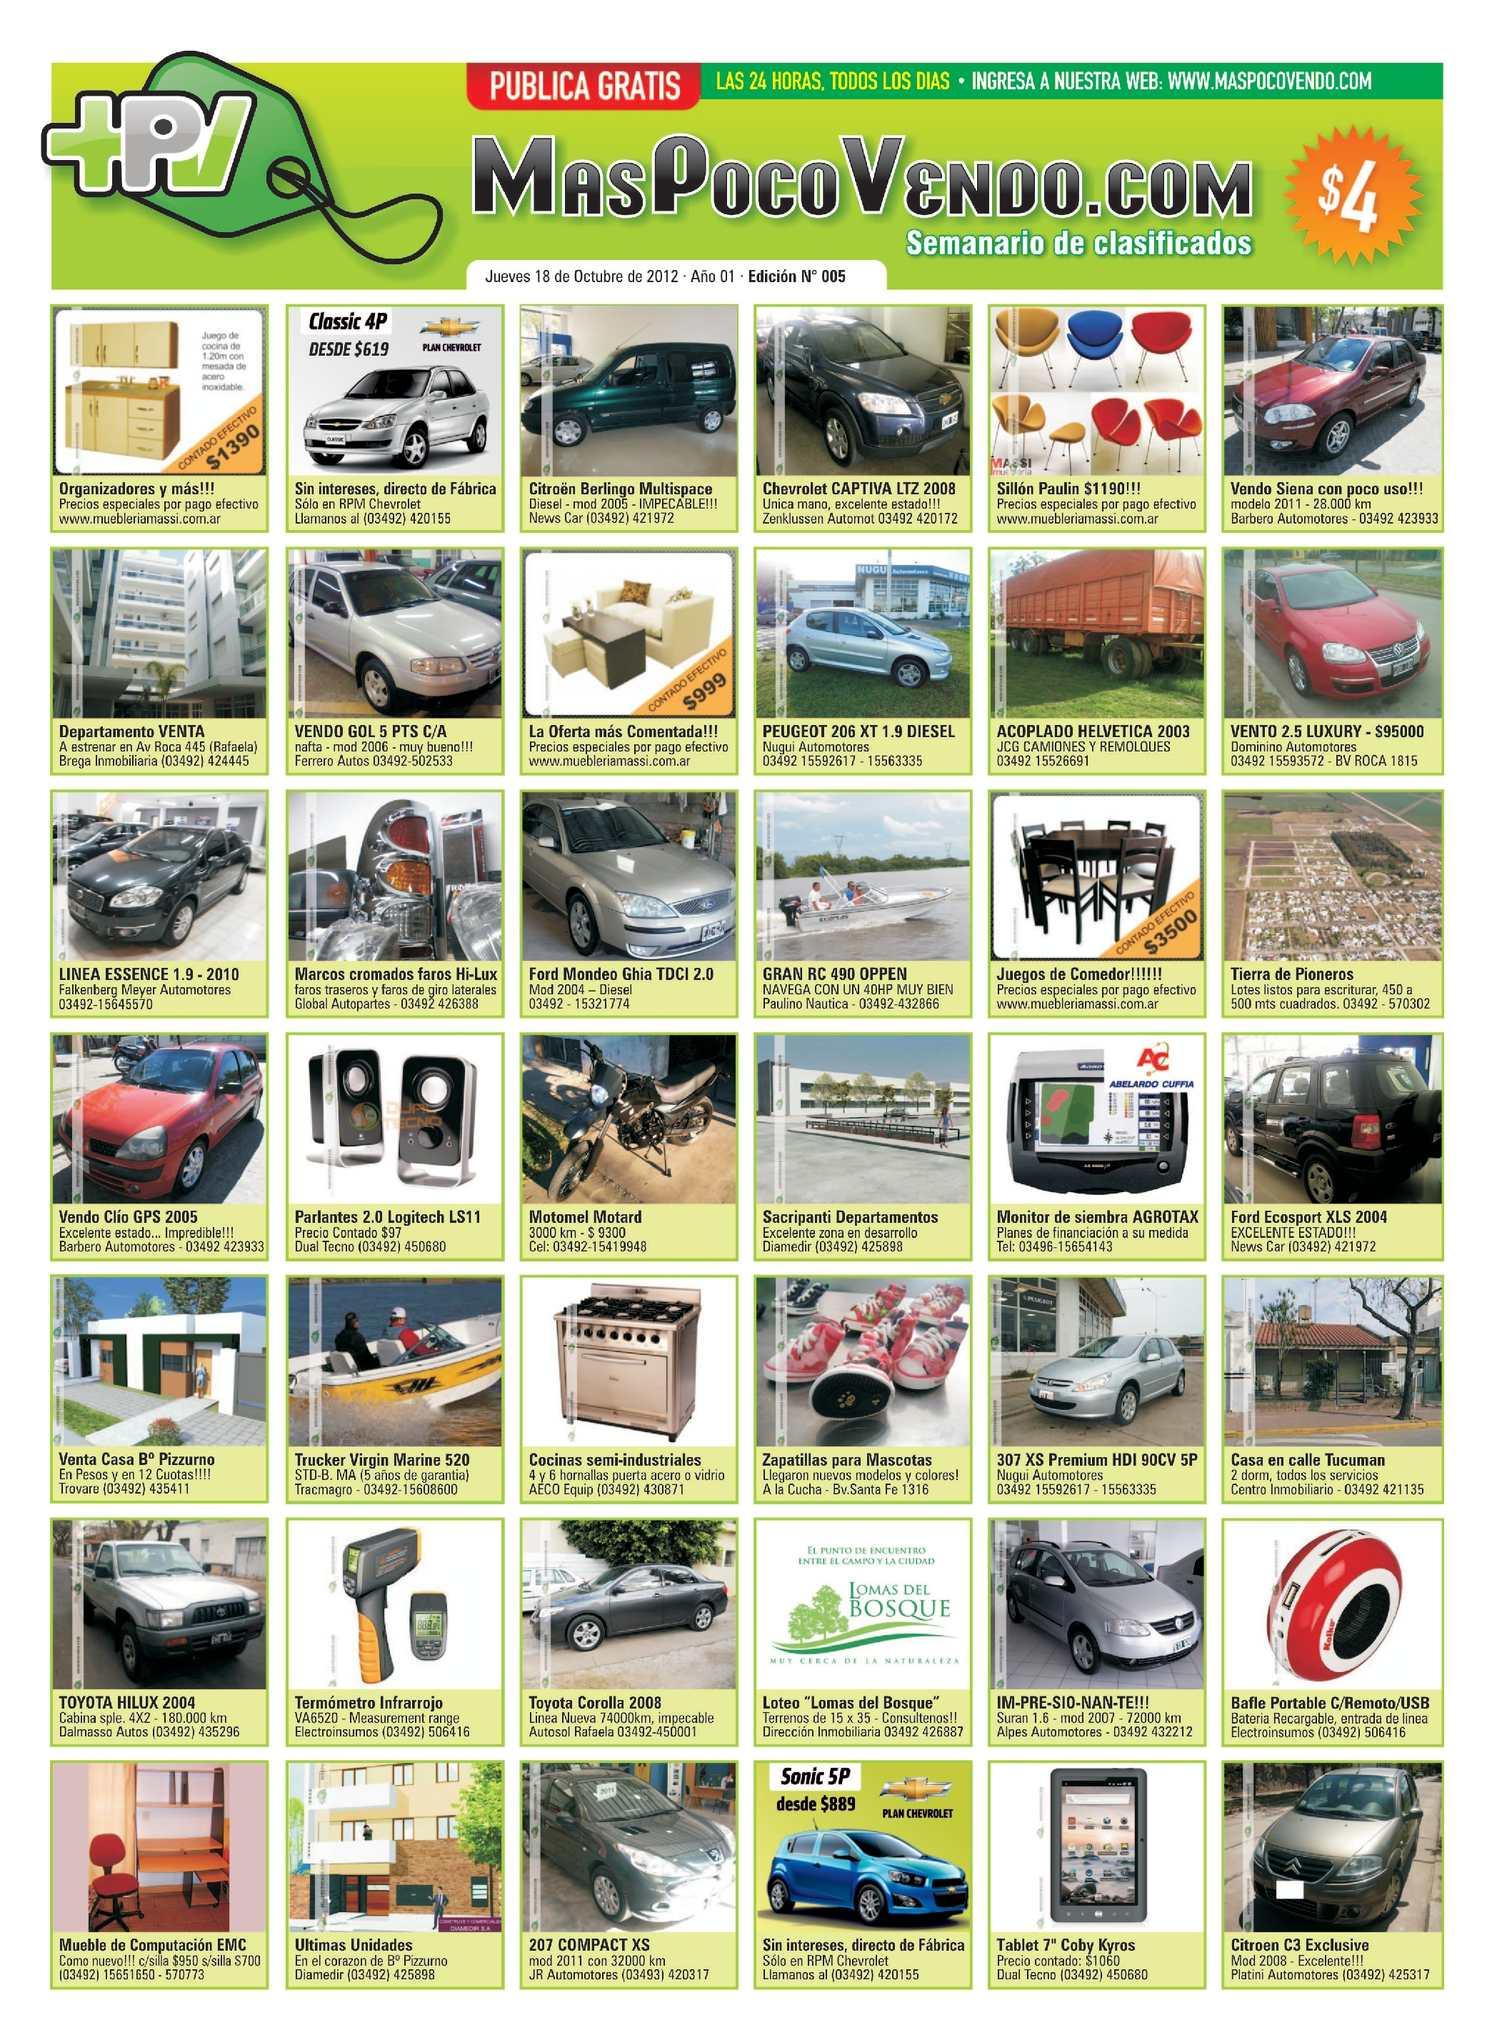 7ac9925221d33 Calaméo - MasPocoVendo Semanario Edic 005